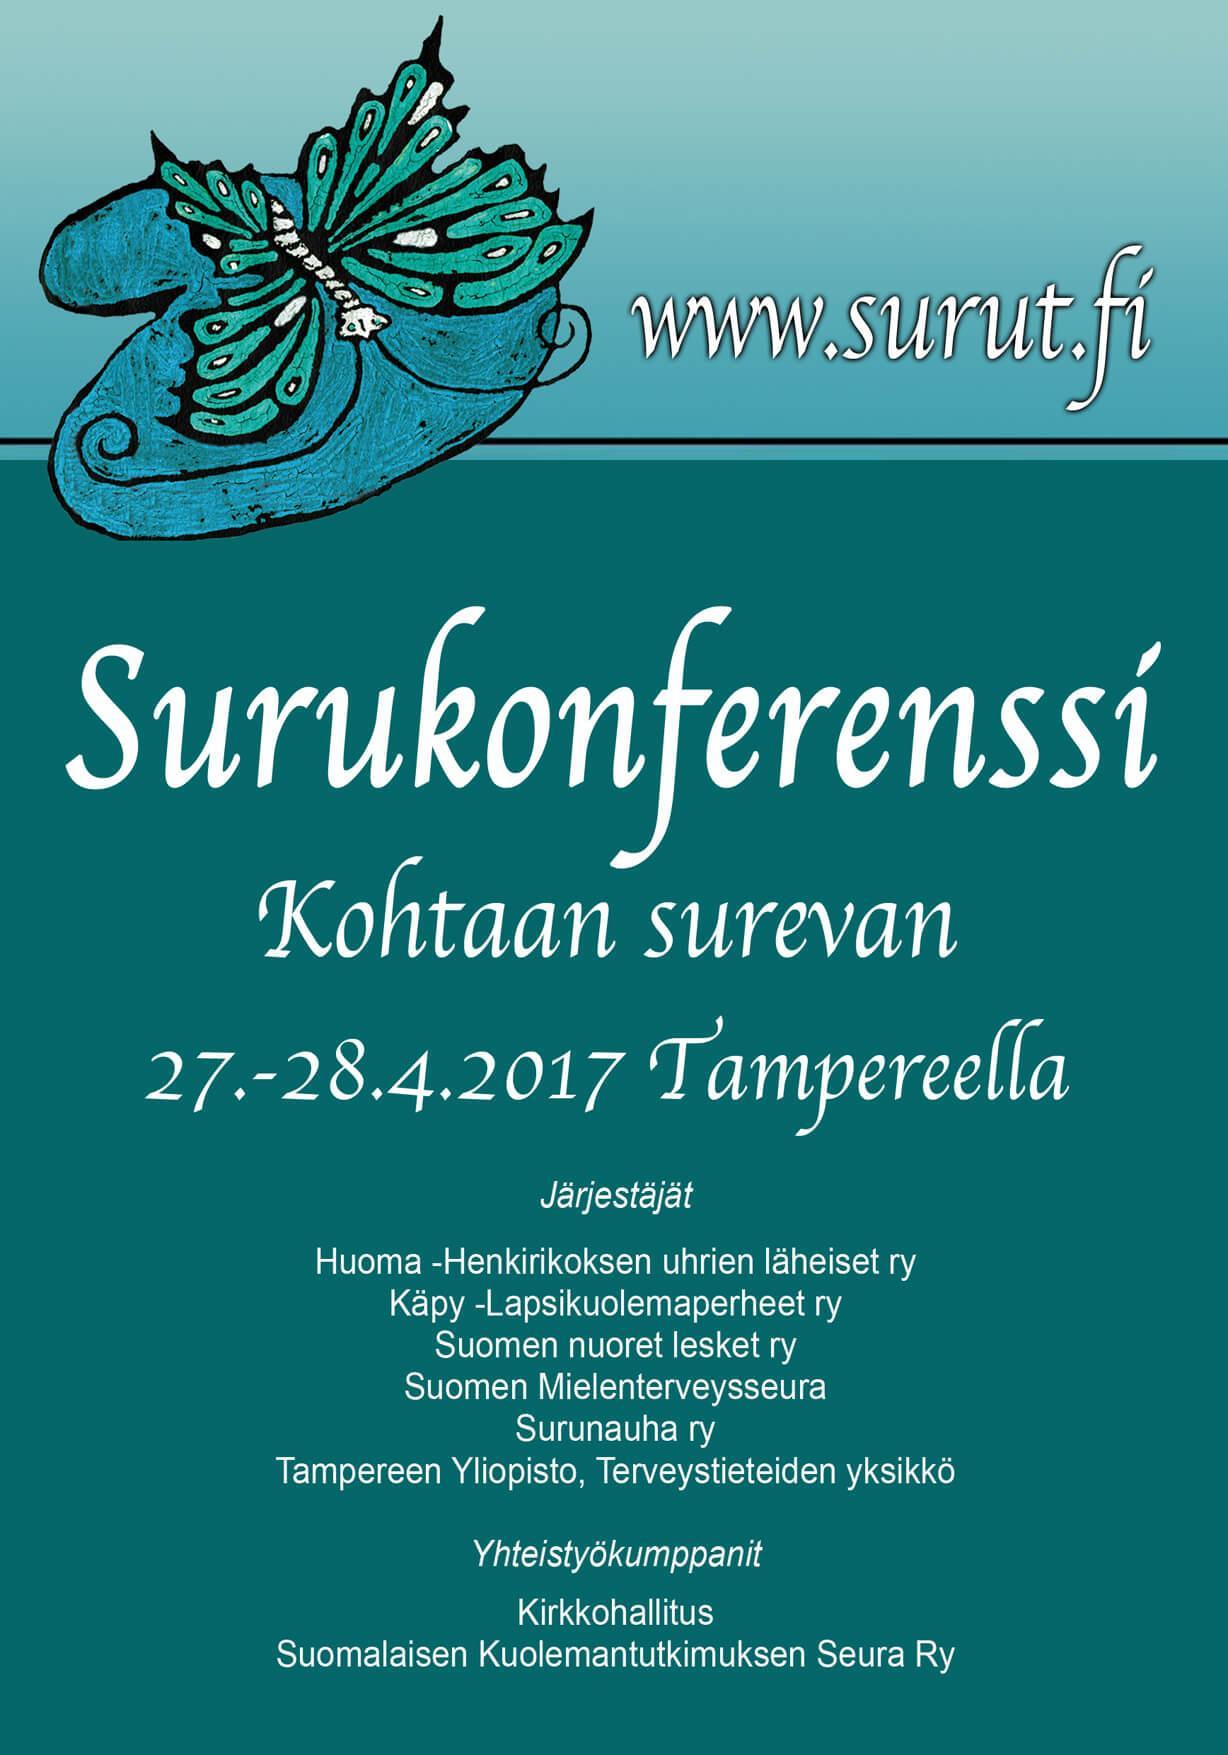 Surukonferenssi 2017